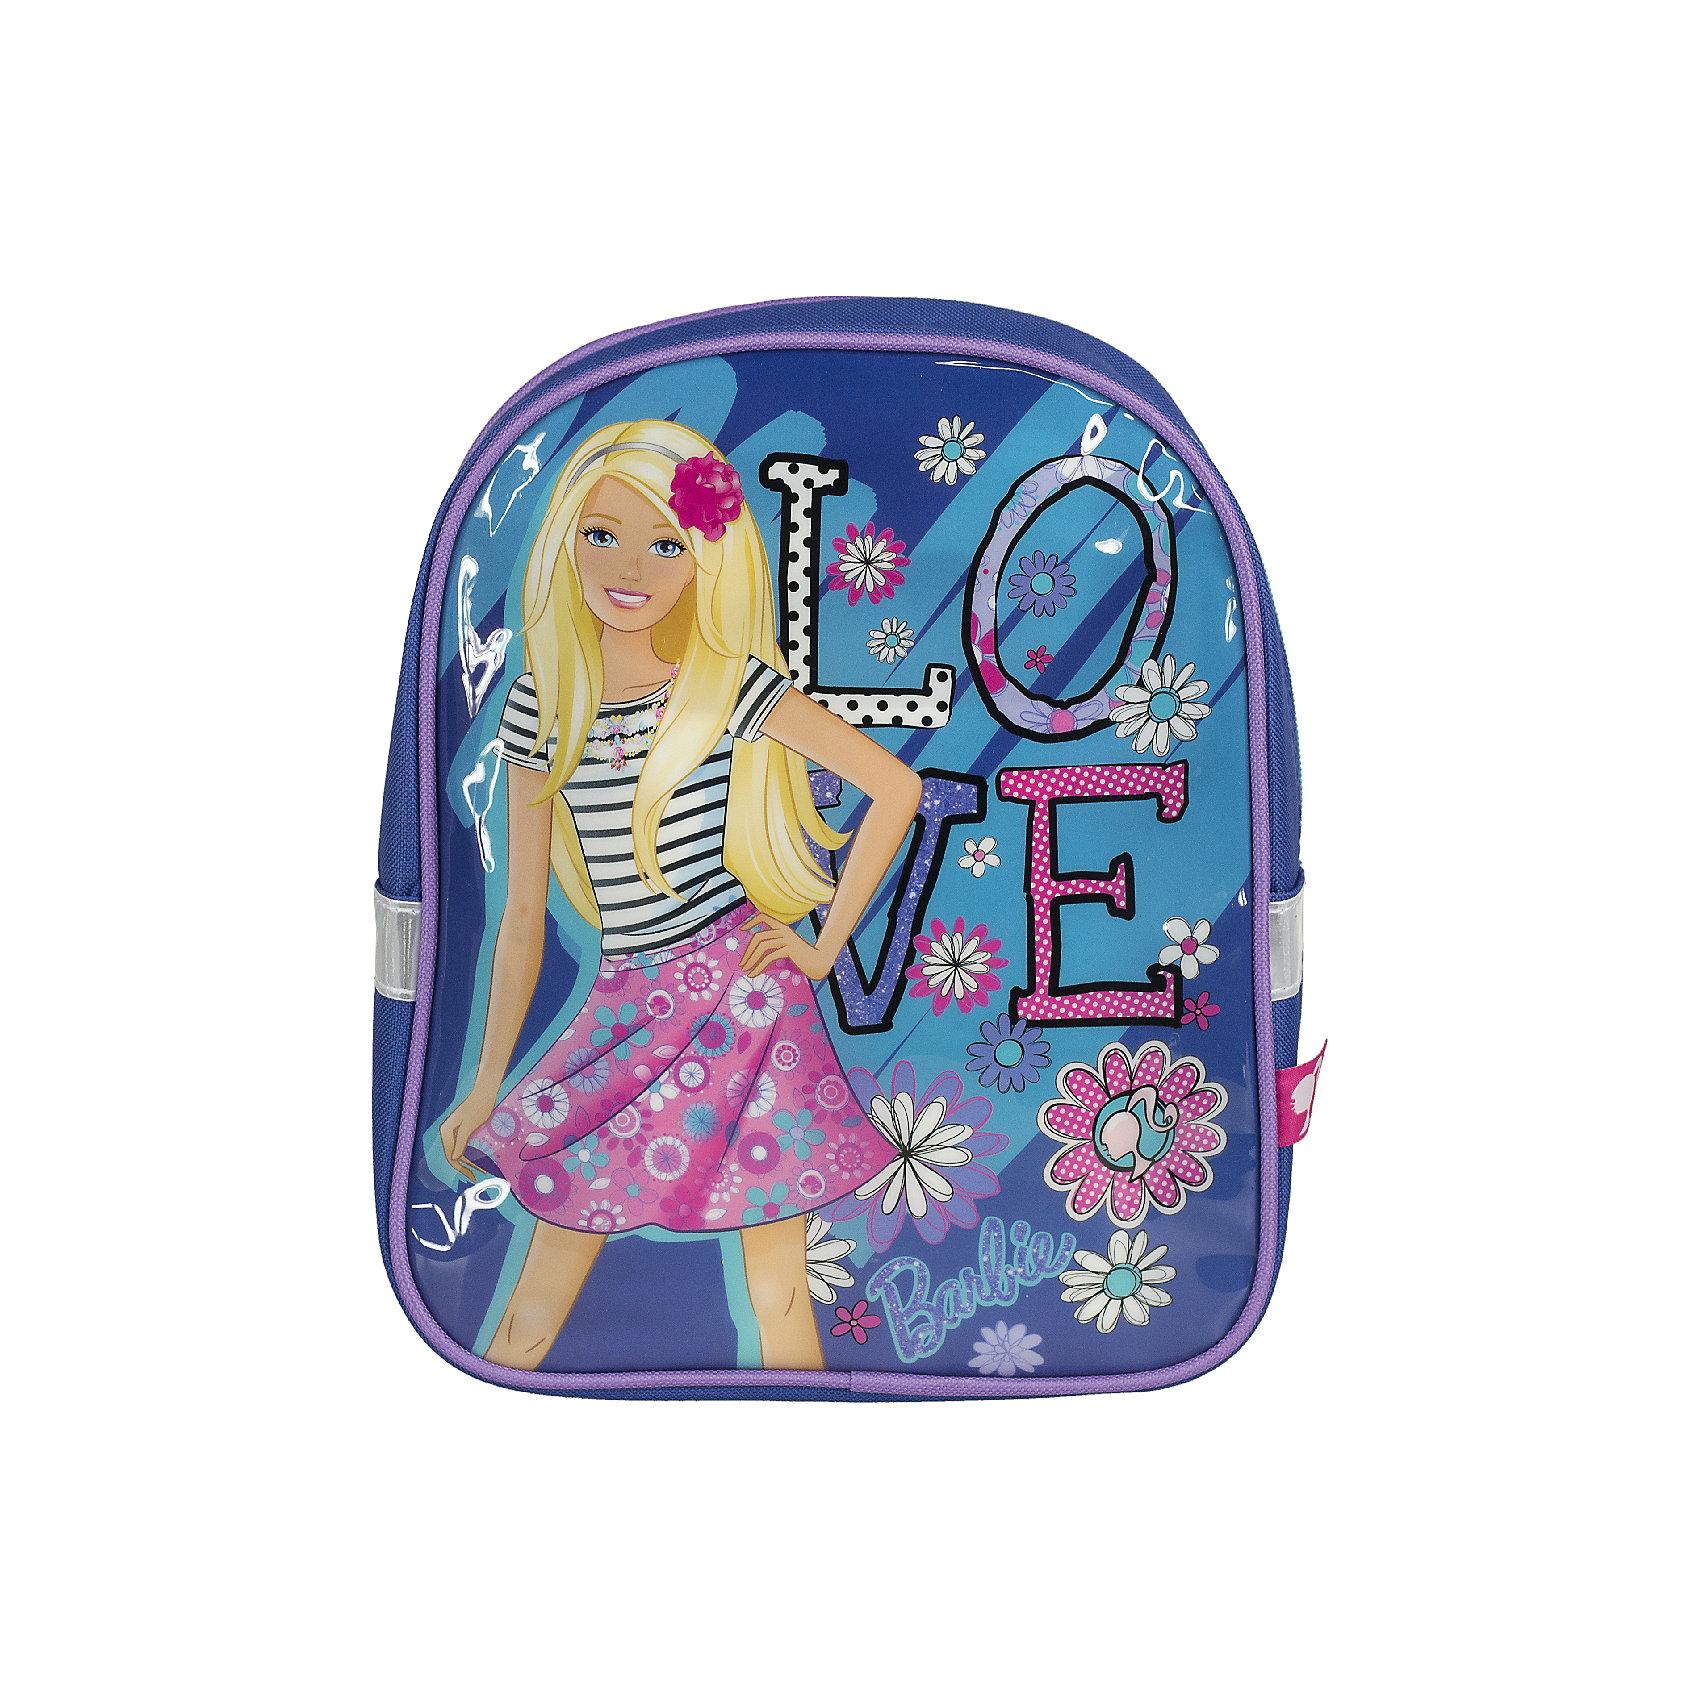 Школьный рюкзак BarbieBarbie<br>Рюкзак - это незаменимая вещь для прогулок и повседневных дел, в нем можно разместить самые важные вещи. Пусть у Вашего малыша тоже будет свой собственный рюкзак. У модели одно основное отделение на молнии, а лямки можно свободно регулировать по длине в зависимости от роста ребенка. Передняя панель рюкзака украшена ярким изображением любимых героев.<br><br>Дополнительная информация:<br><br>Размер 27 х 21,5 х 9,5 см.<br><br>Рюкзак Barbie (Барби) 27*21,5*9,5 см можно купить в нашем магазине.<br><br>Ширина мм: 270<br>Глубина мм: 215<br>Высота мм: 95<br>Вес г: 184<br>Возраст от месяцев: 72<br>Возраст до месяцев: 144<br>Пол: Женский<br>Возраст: Детский<br>SKU: 4140989